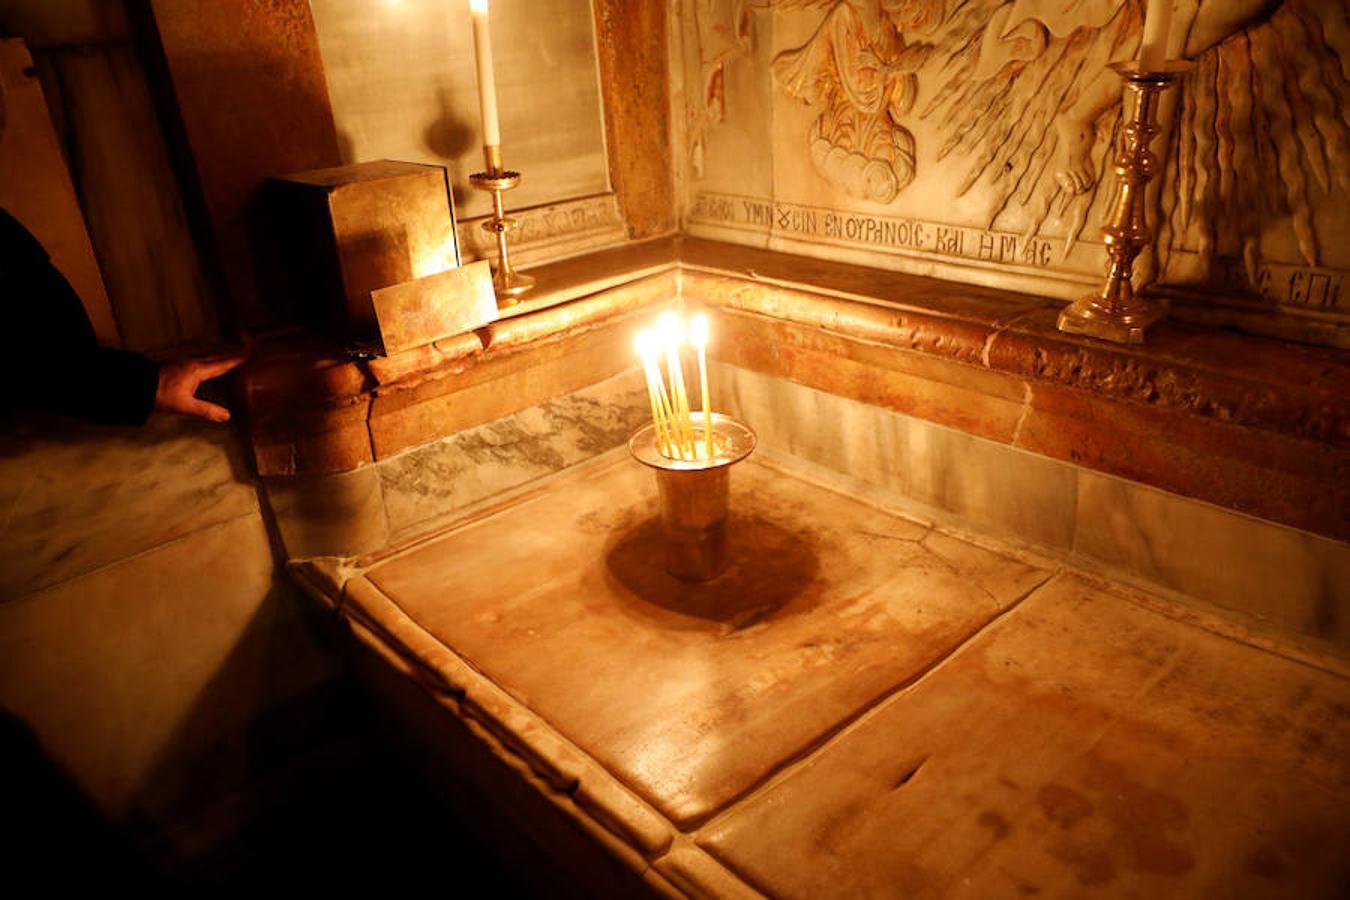 La Tumba de Jesucristo recobra su esplendor - Santo Sepulcro, Jerusalén 1